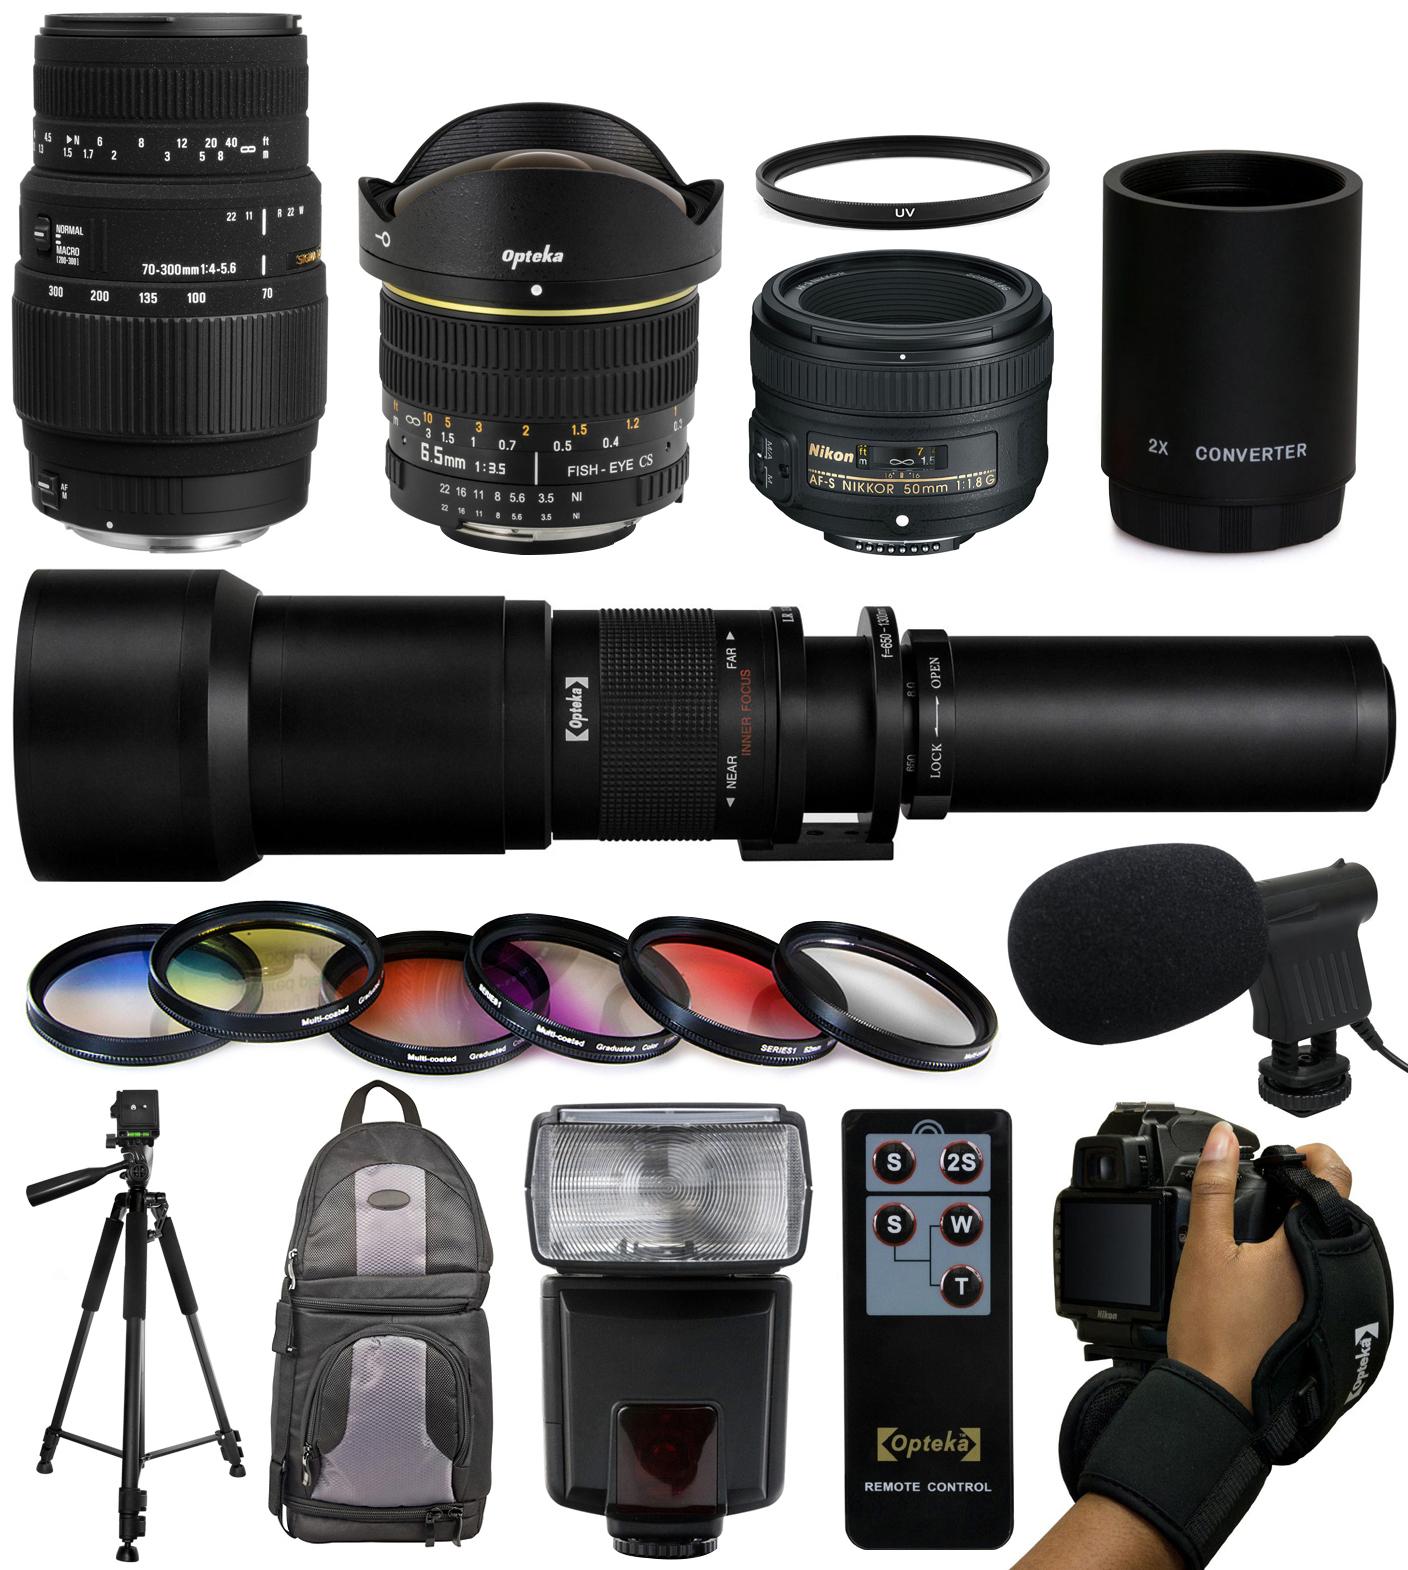 Extreme Lens Kit + Accessories for Nikon DF D7200 D7100 D7000 D5500 D5300 D5200 D5100 D5000 D3300 D3200 D300S... by Sigma